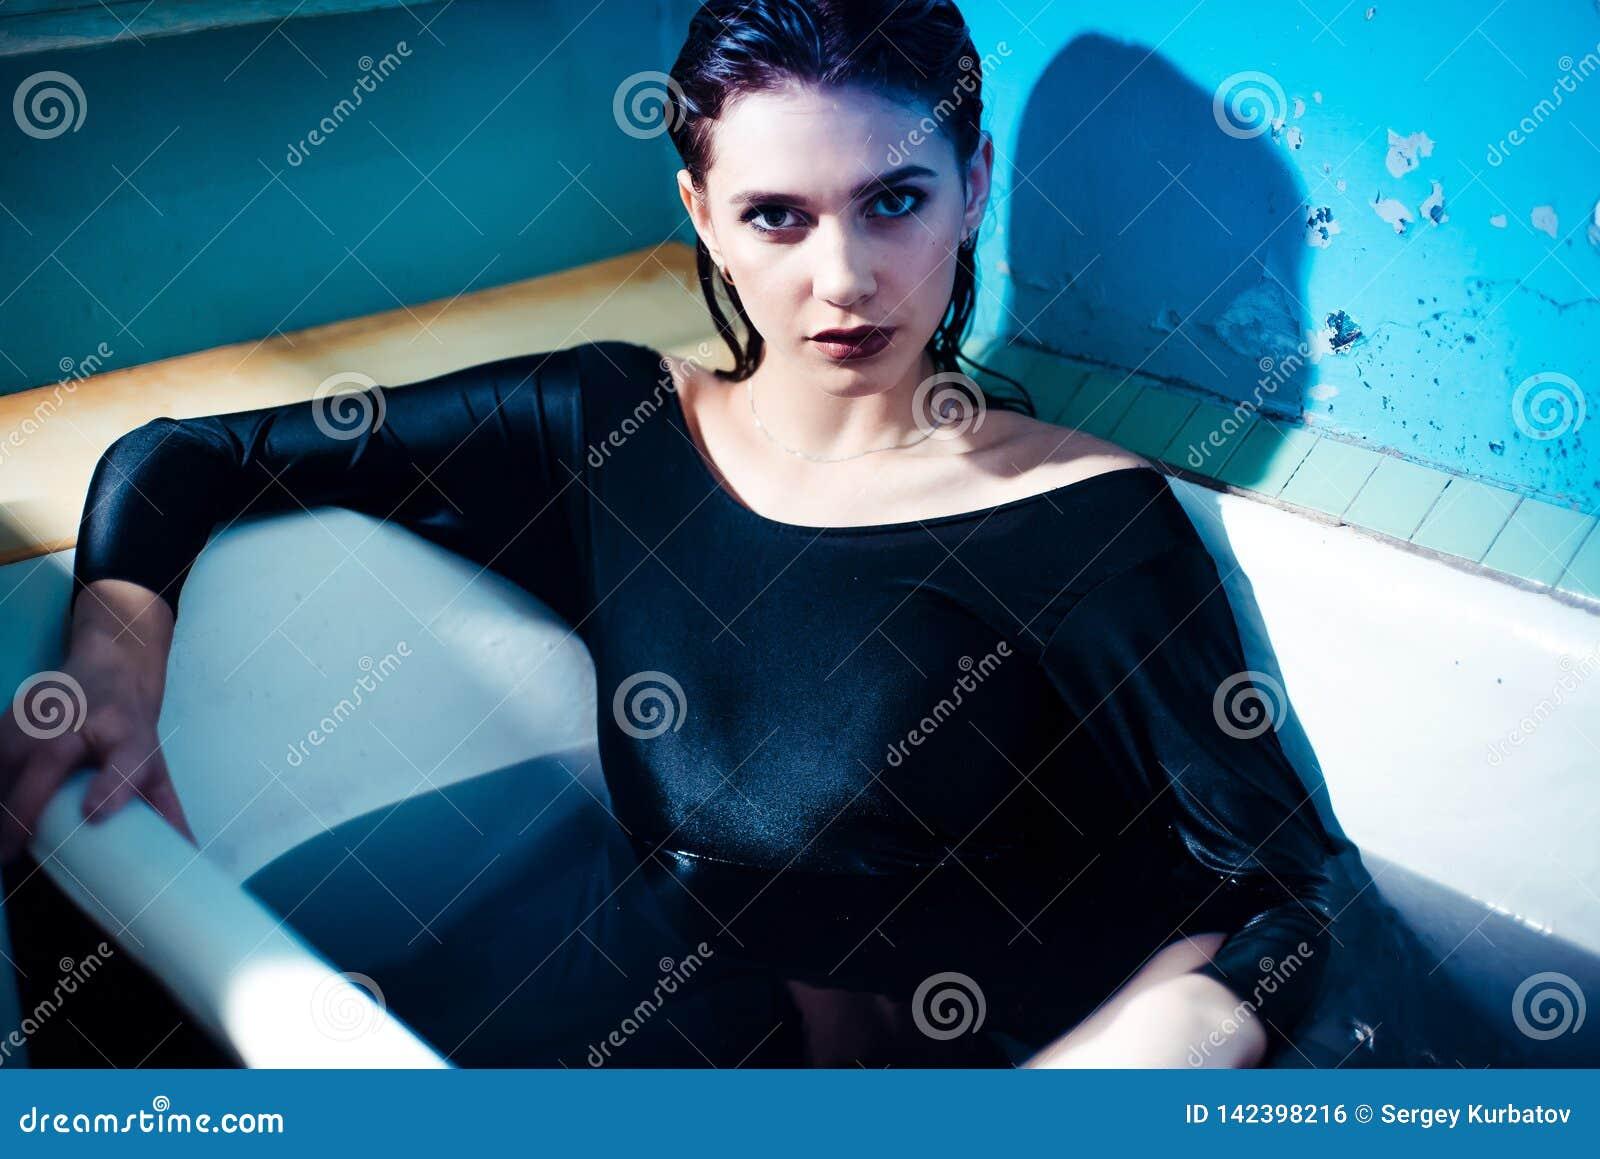 Ragazza con le spalle nude che si trovano nel bagno con acqua porpora colorata Concetto di modo